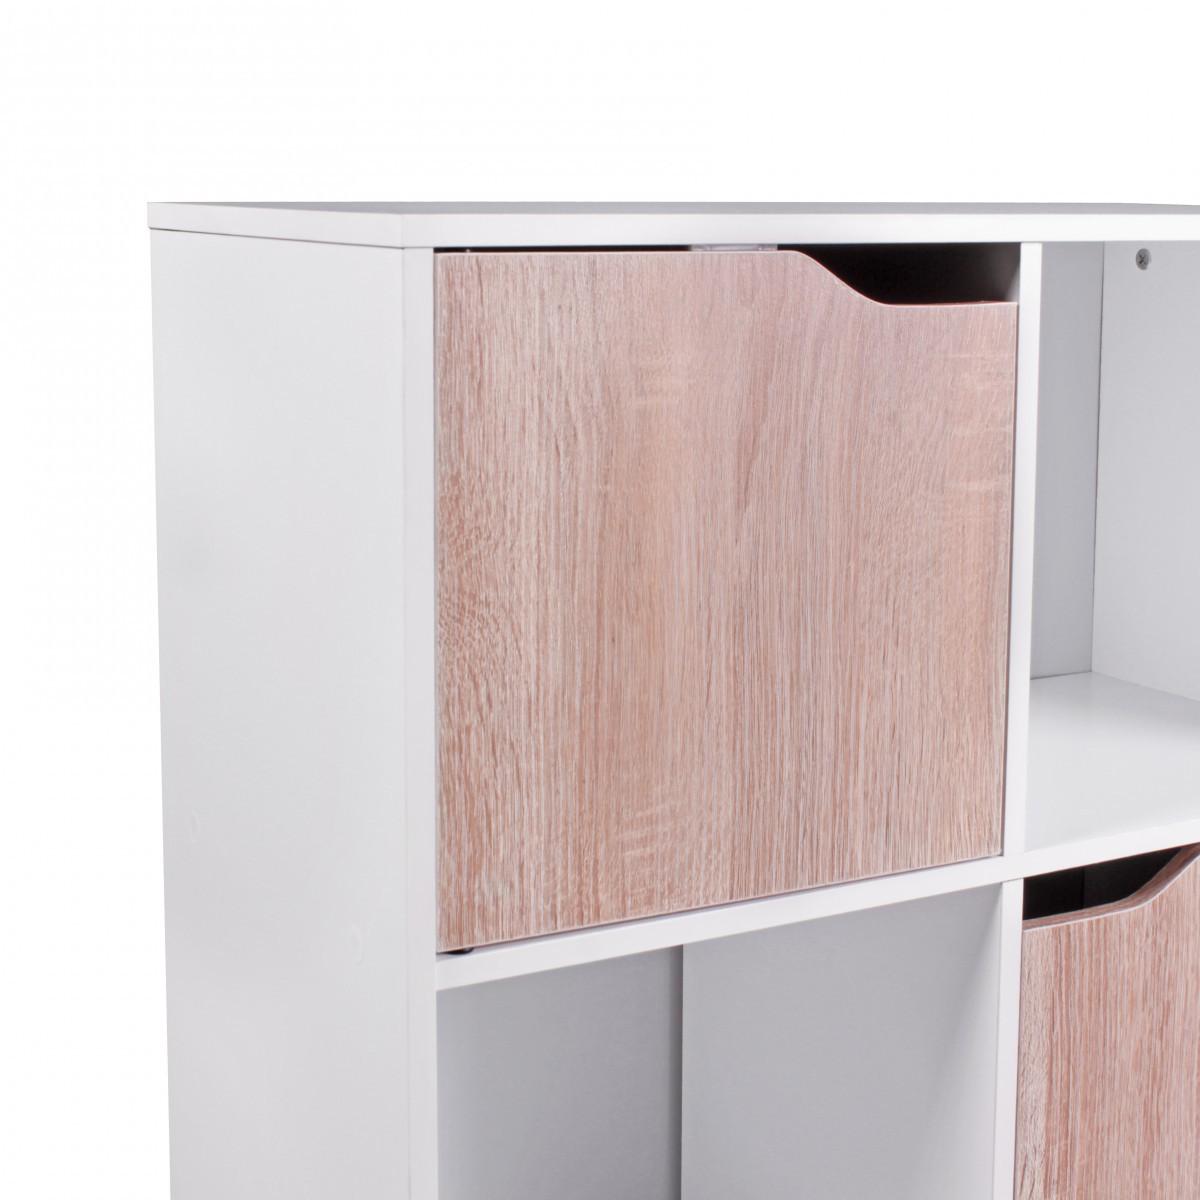 Picturesque Bücherregal Weiß Holz Decoration Of Finebuy Design Bücherregal Modern Weiß Mit Türen